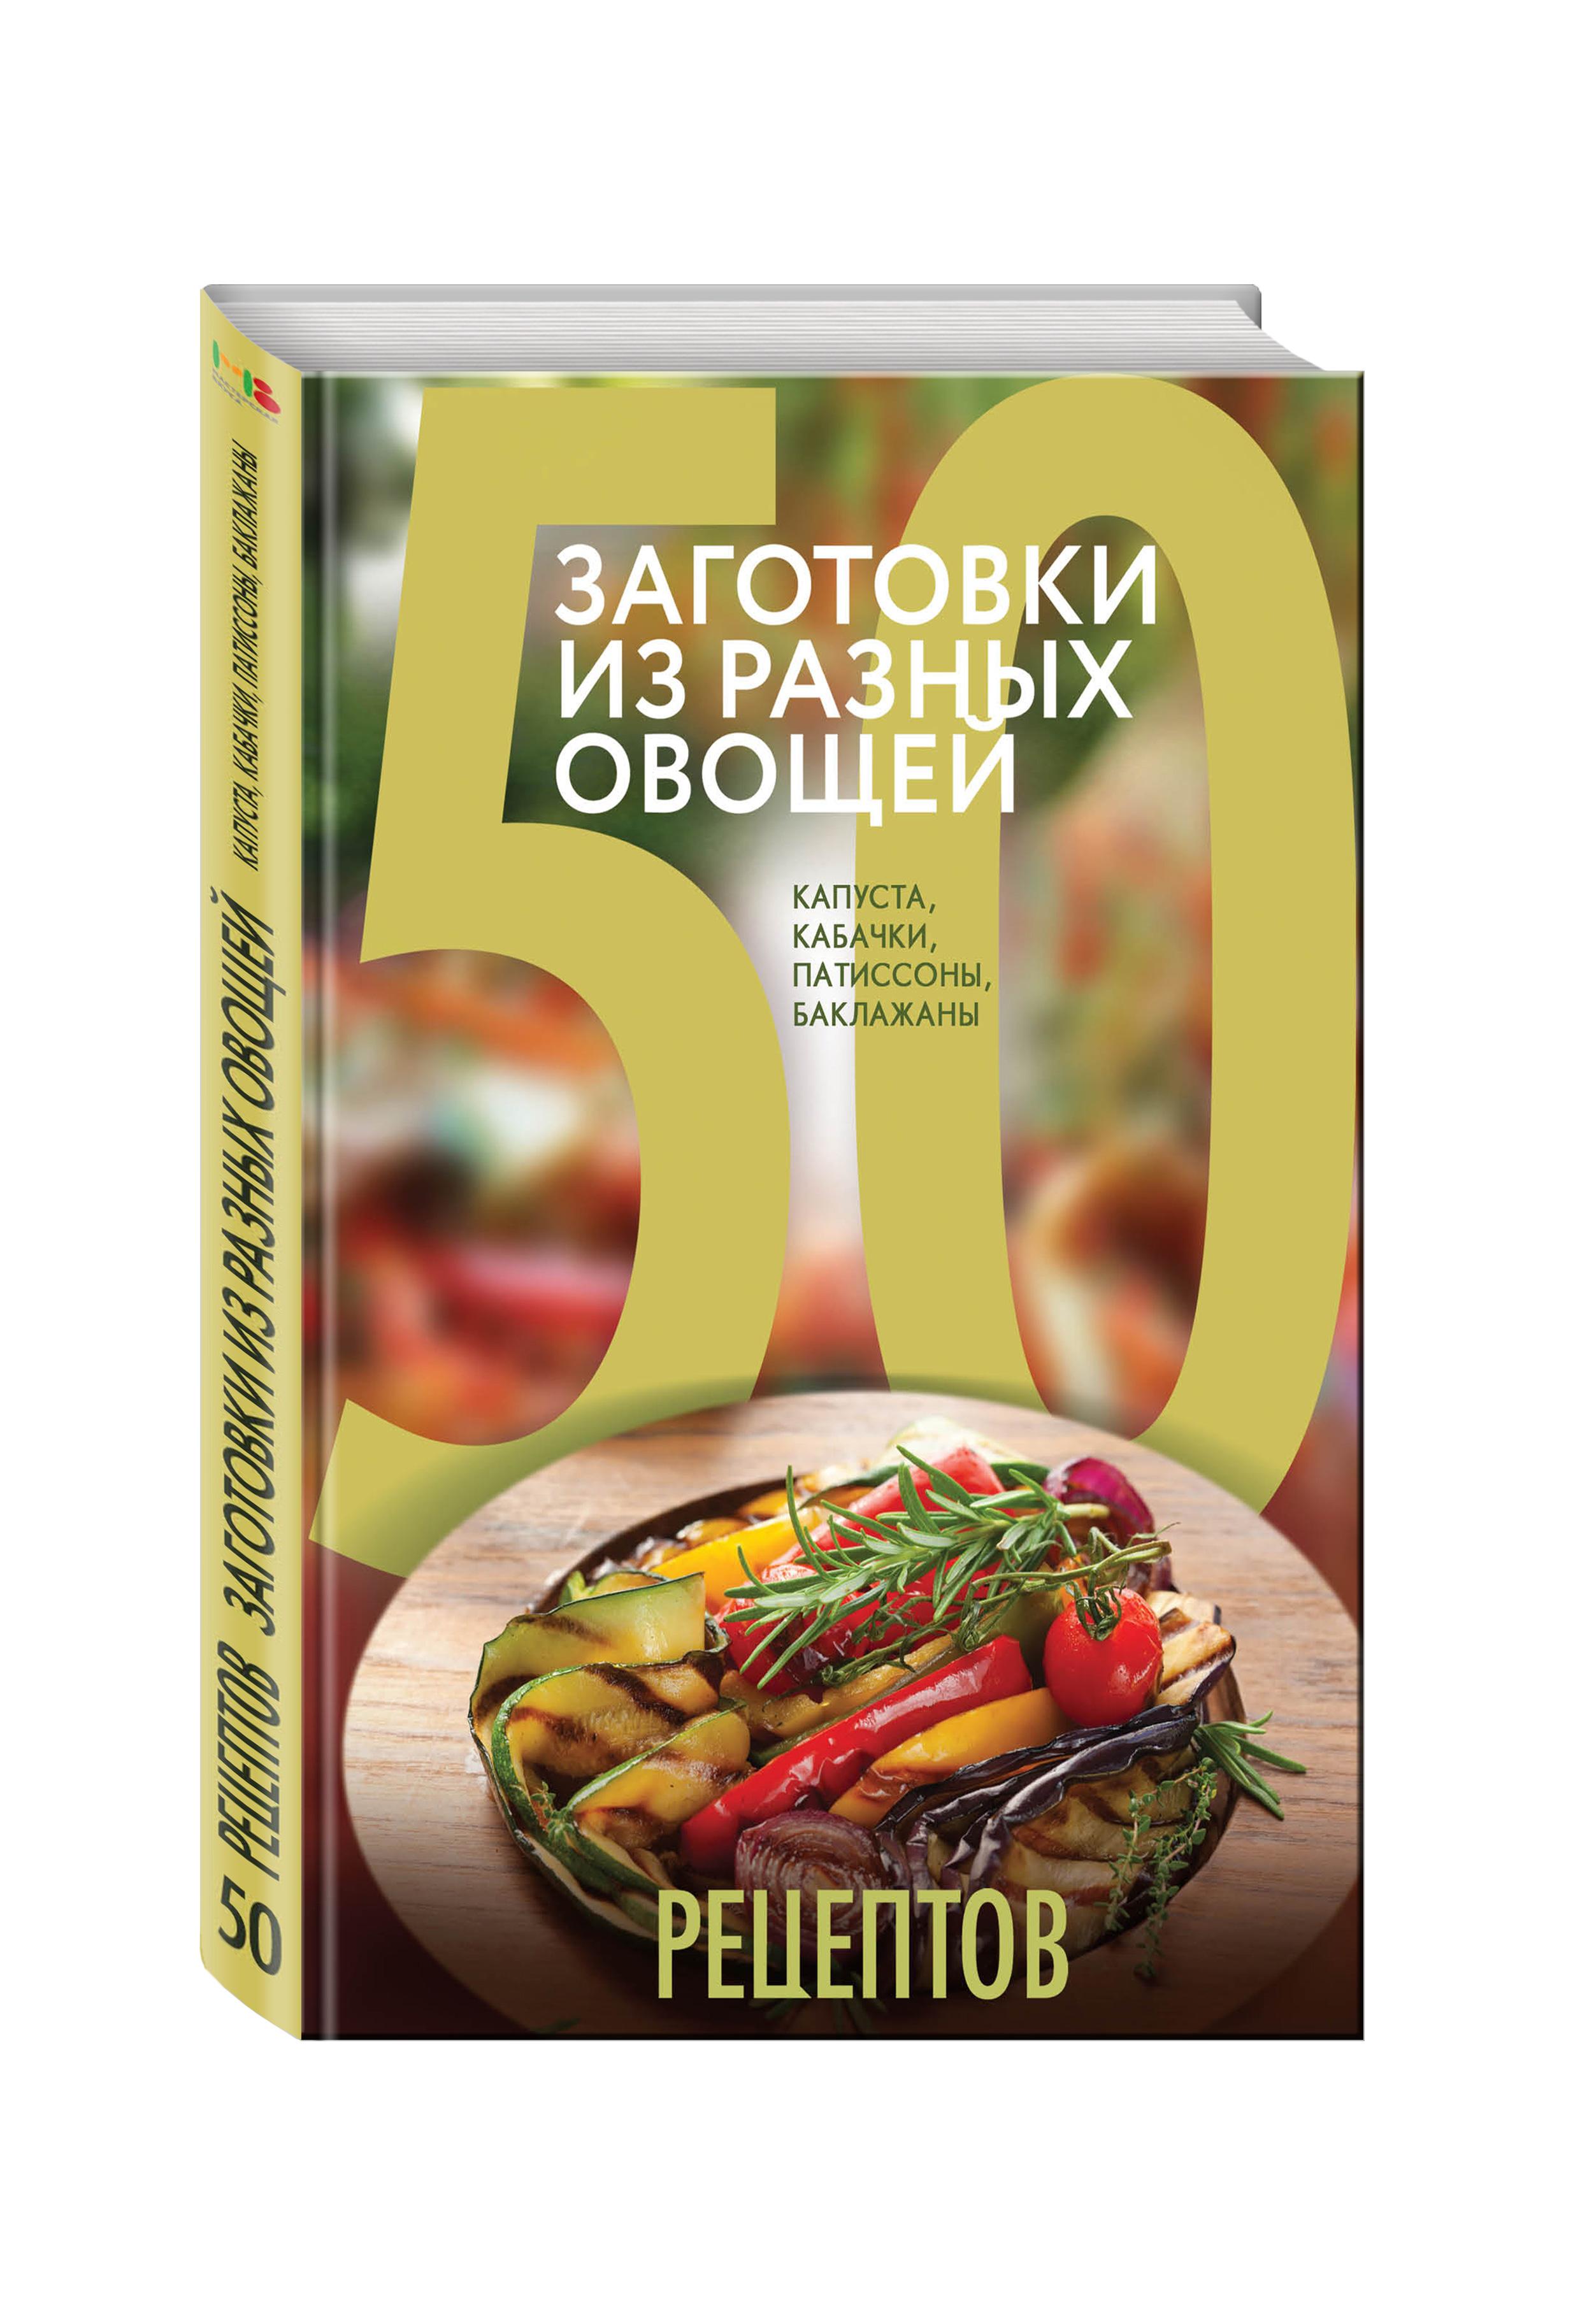 50 рецептов. Заготовки из разных овощей. Капуста, баклажаны, кабачки, патиссоны ( Антонова Л.  )